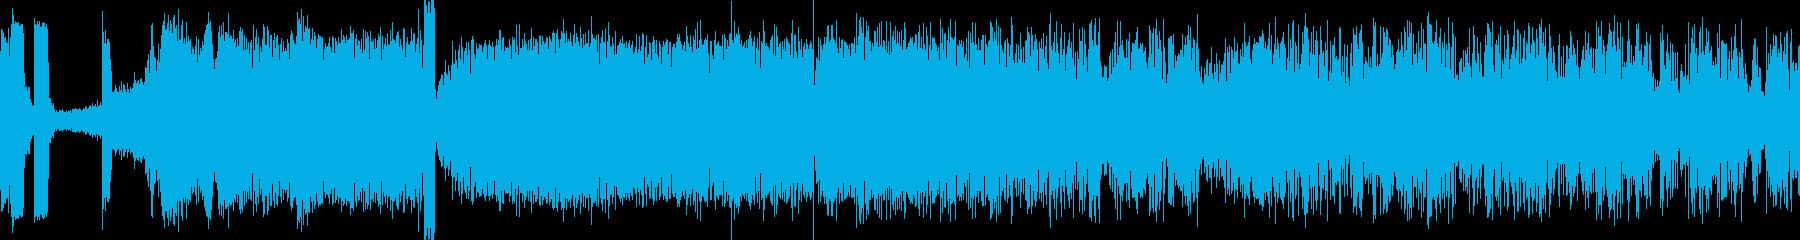 アラスカ鉄道スワード駅発車の音の再生済みの波形